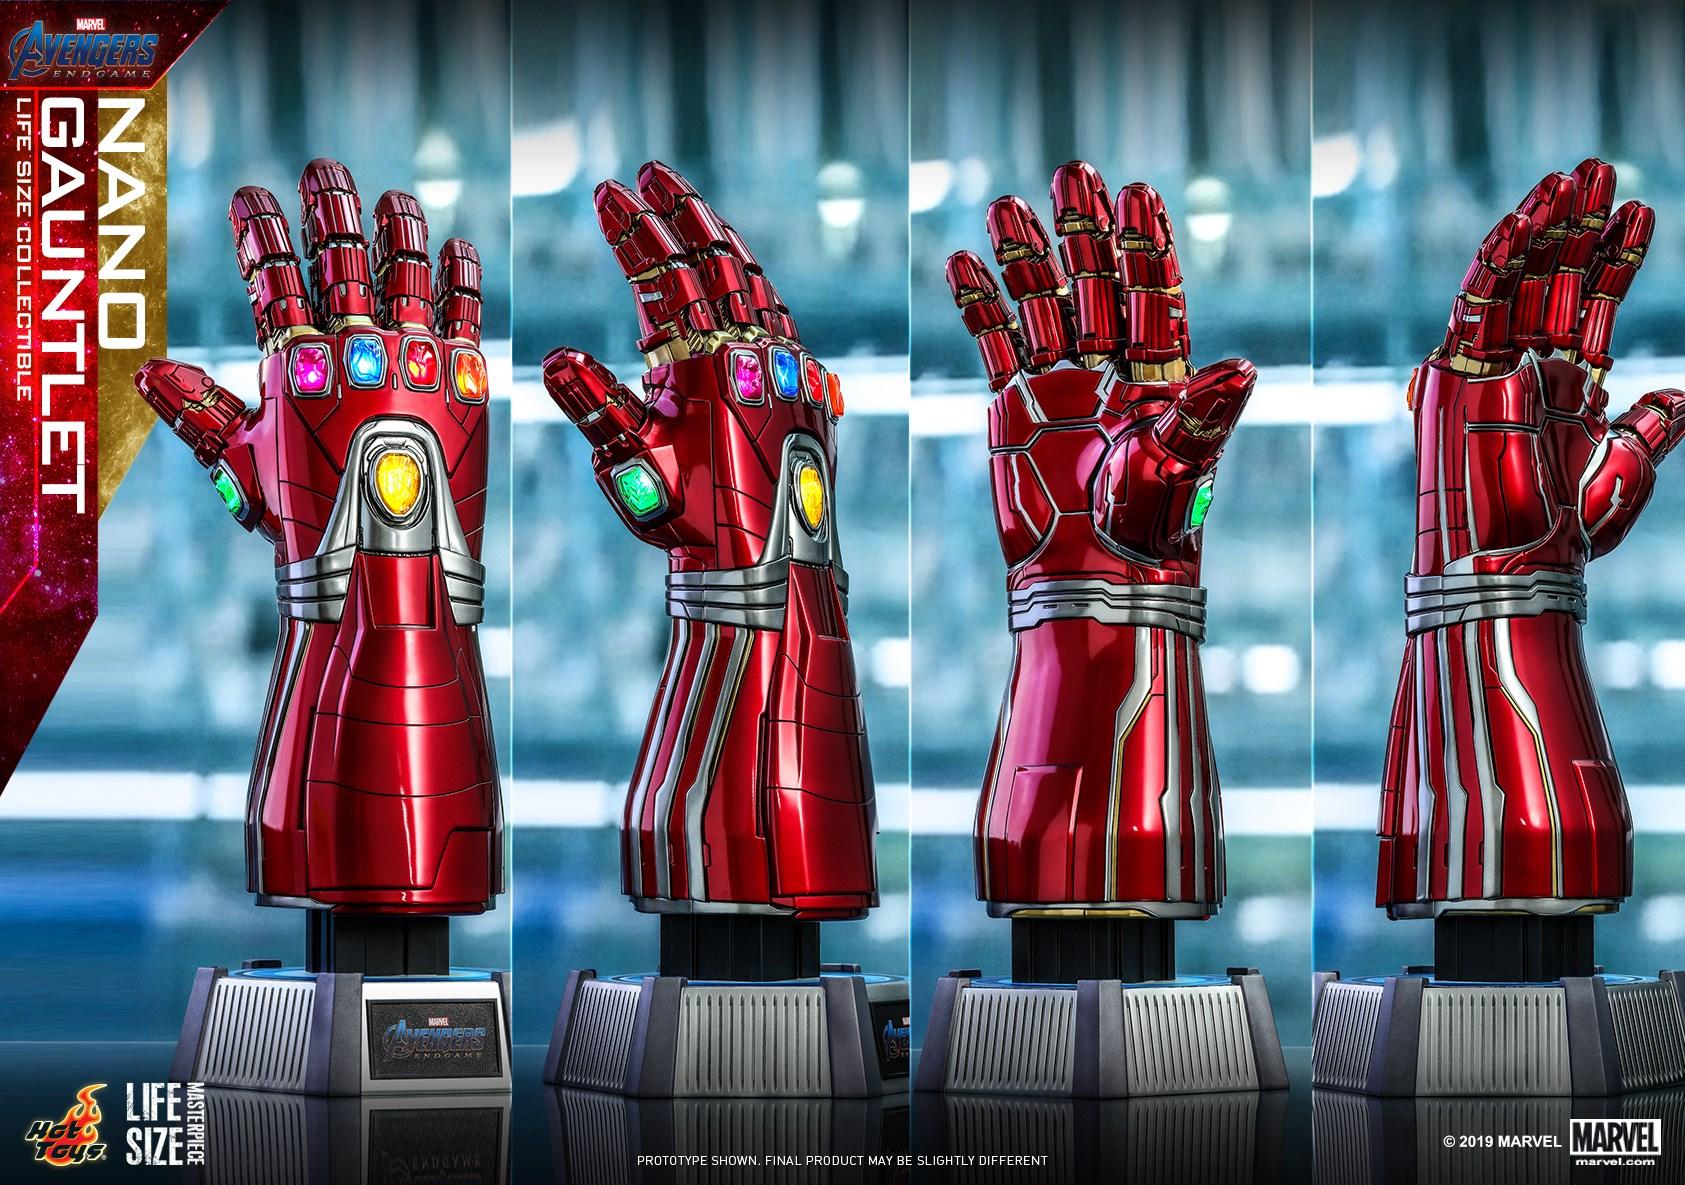 szmk_avengers_bosszuallok_endgame_vegjatek_iron_man_hulk_nano_gauntlet_nano_kesztyu_marvel_hot_toys_2.jpg